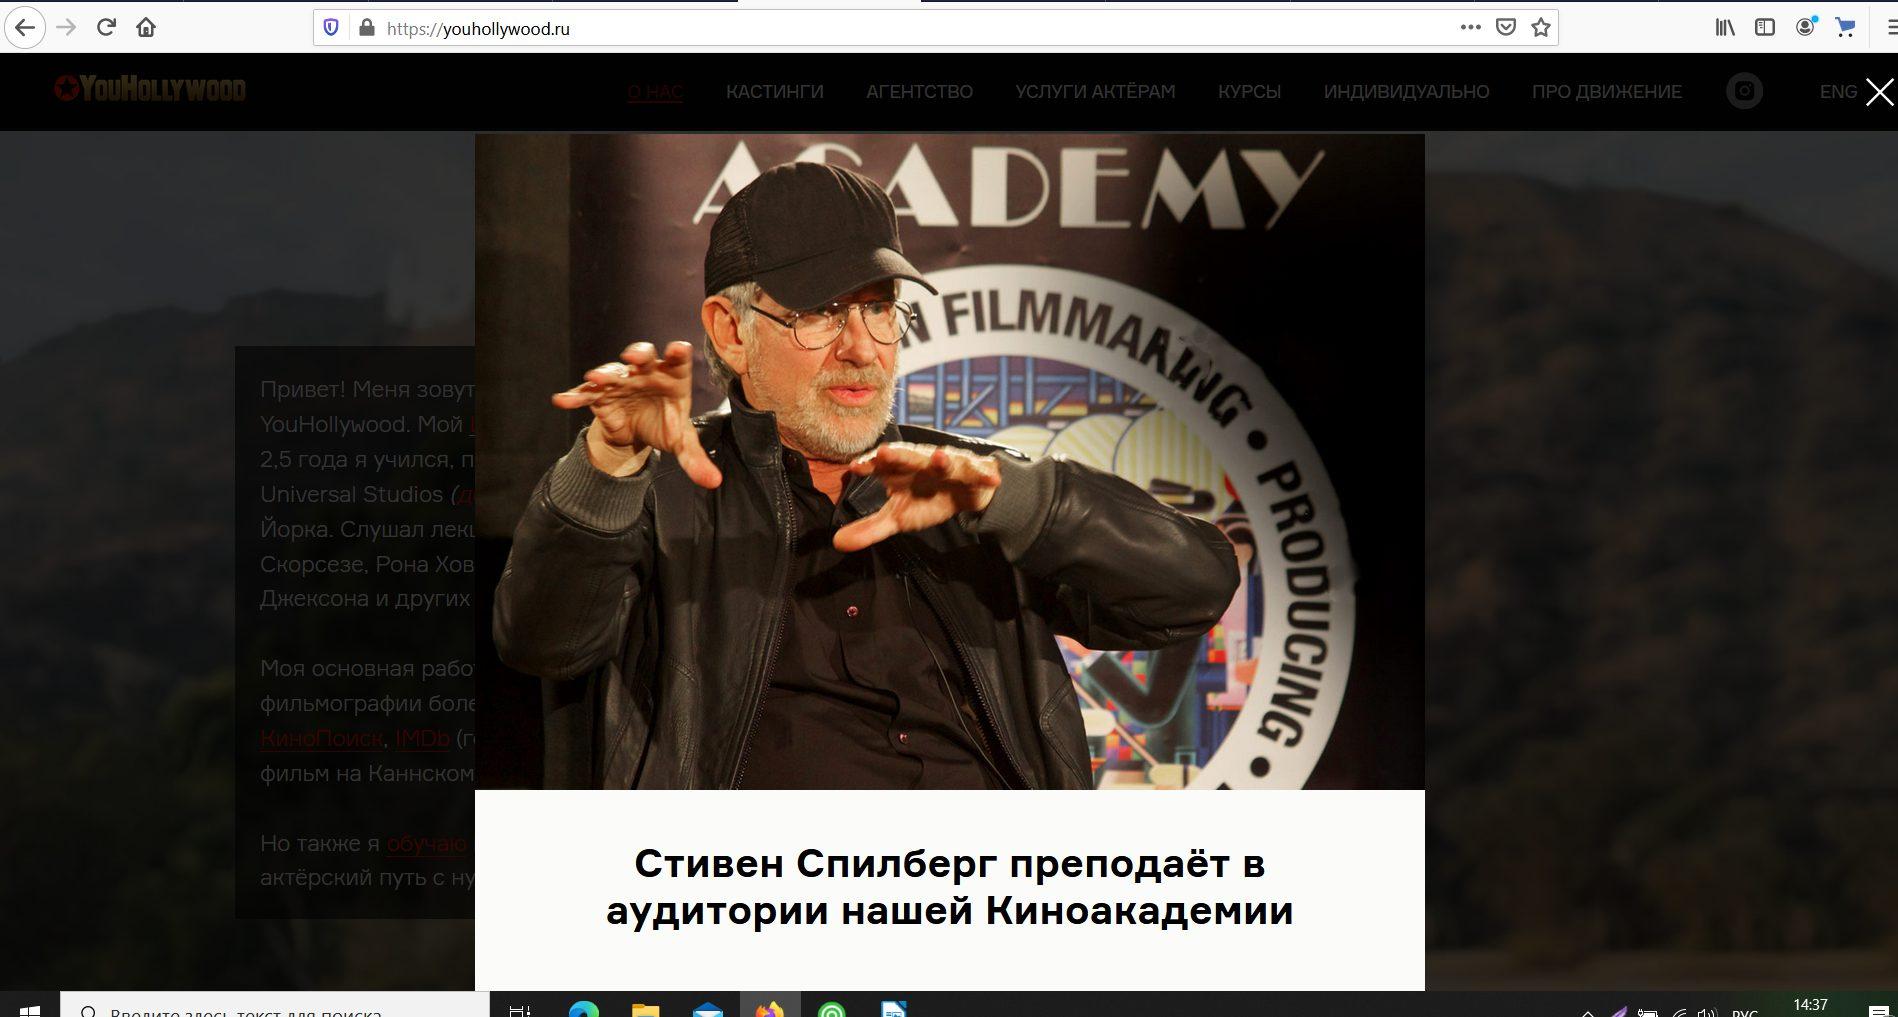 Стивен Спилберг преподает